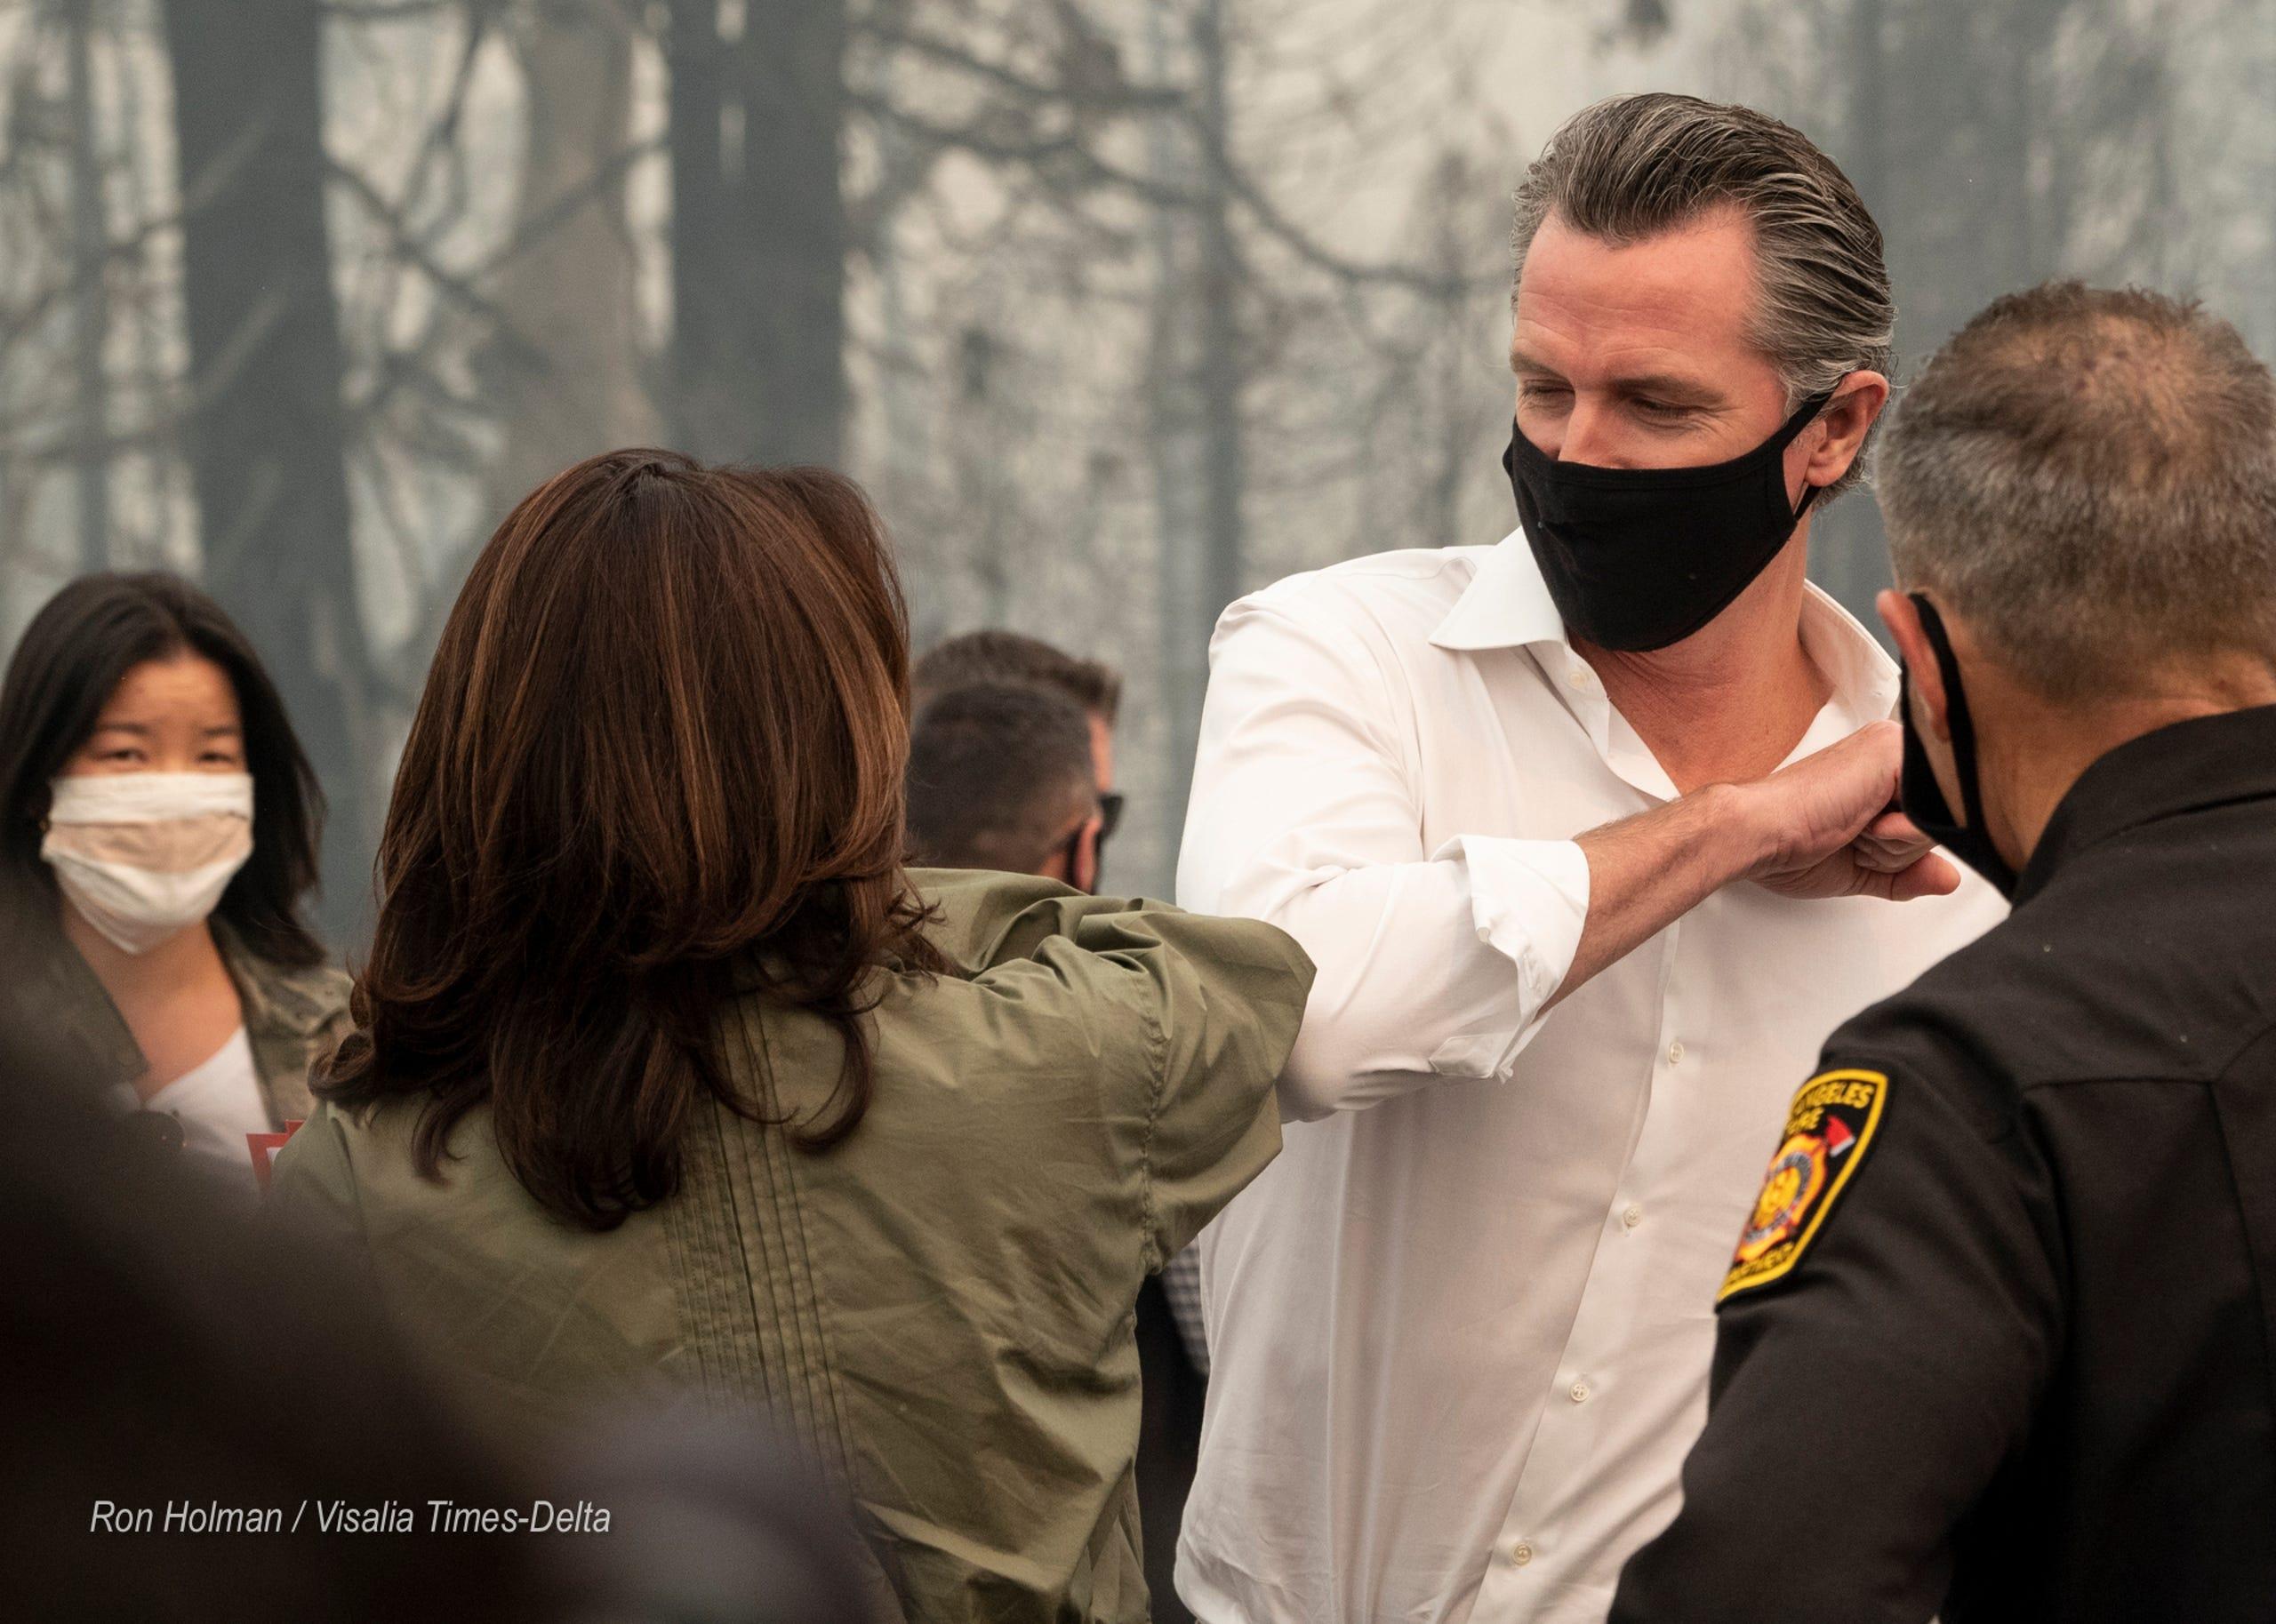 Vp Hopeful Kamala Harris And Ca Governor Gavin Newsom Visit Creek Fire Site